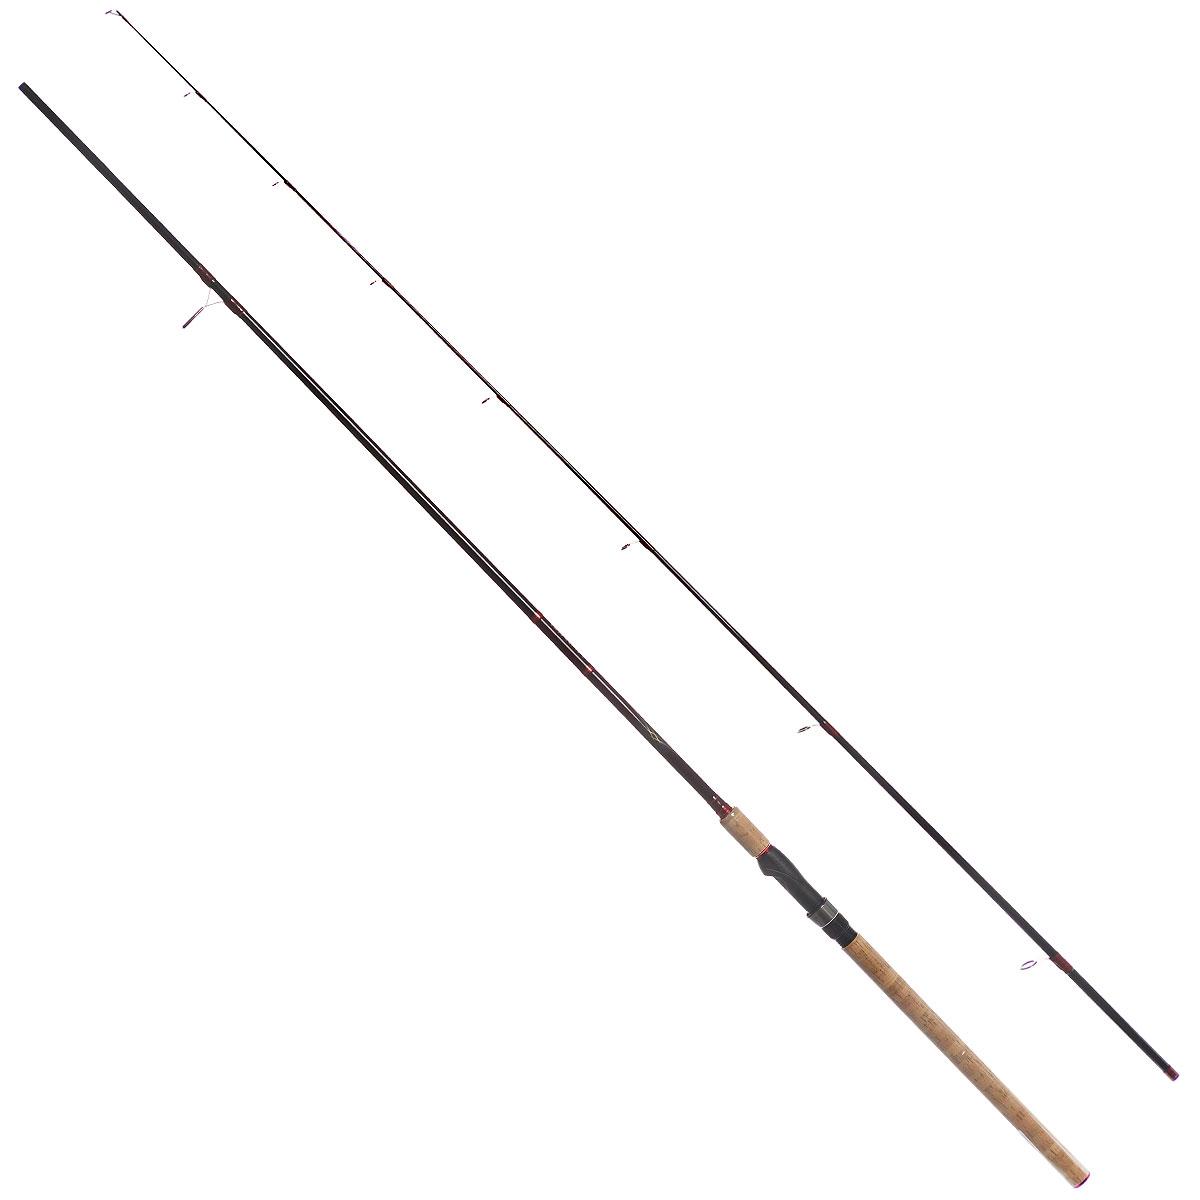 Удилище спиннинговое Daiwa Vulcan-AR, штекерное, цвет: черный, 2,74 м, 15-50 г